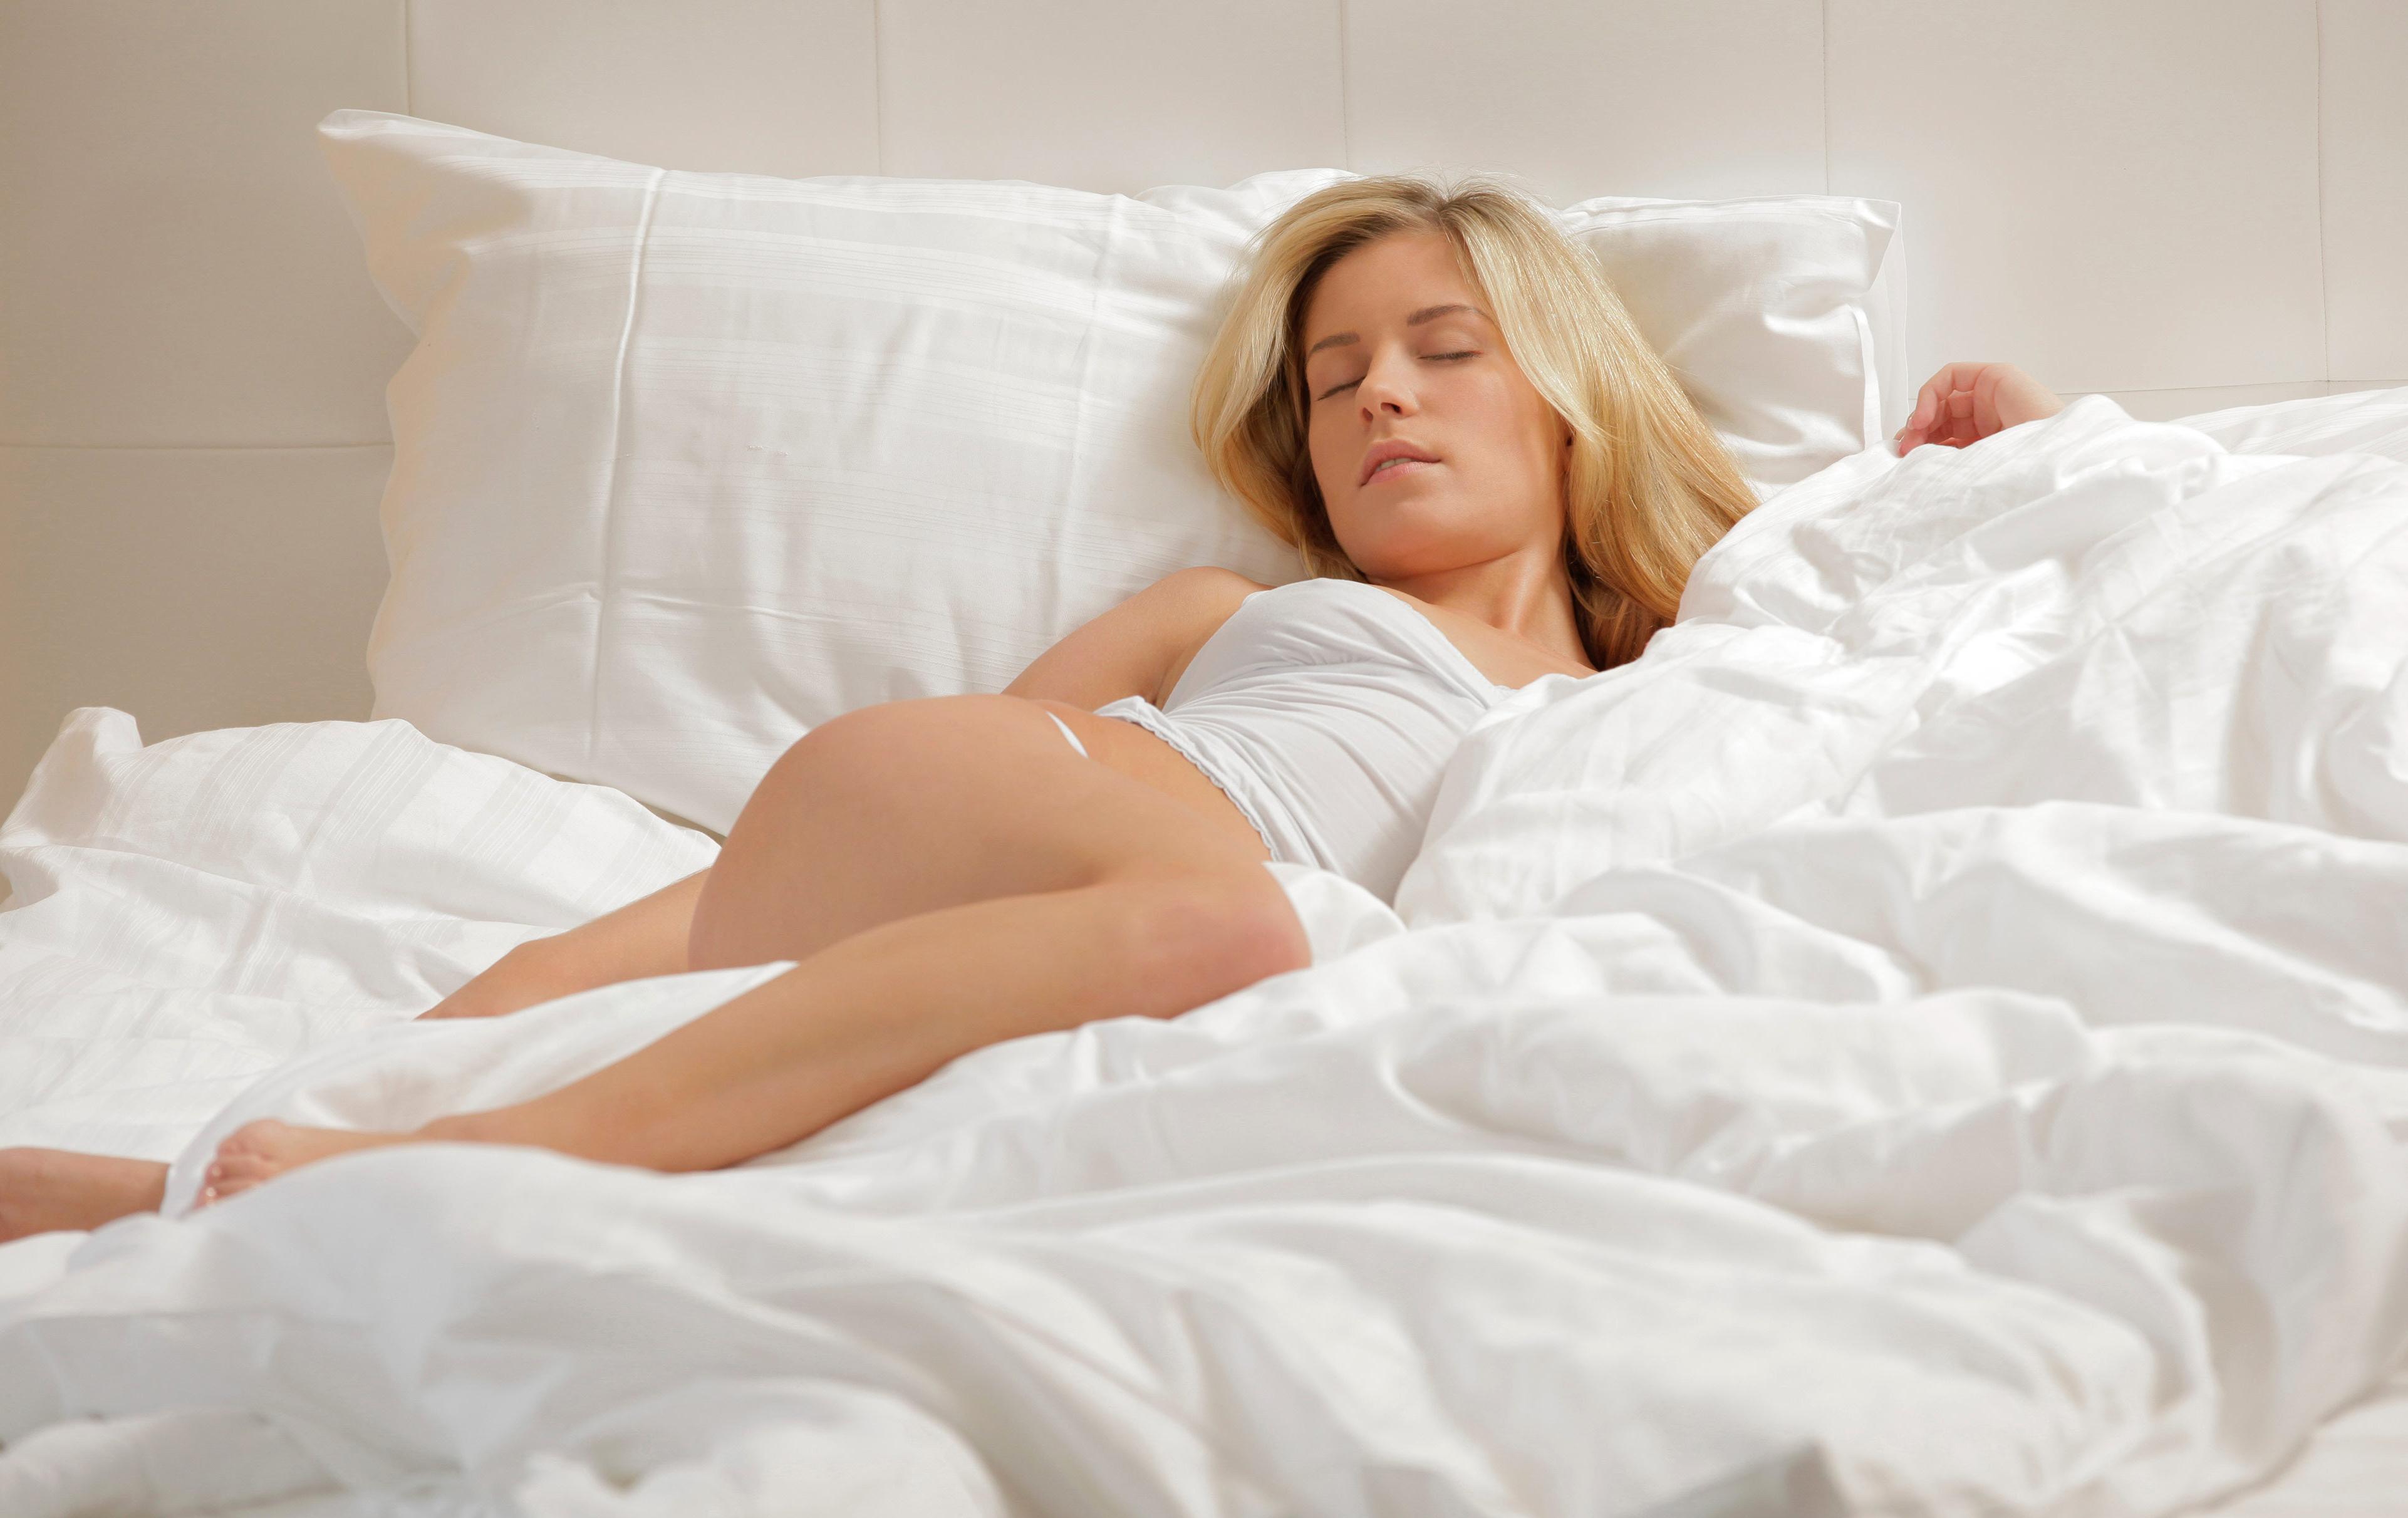 Ошалелая баба валяется на кроватке и шалит откровенно  41148